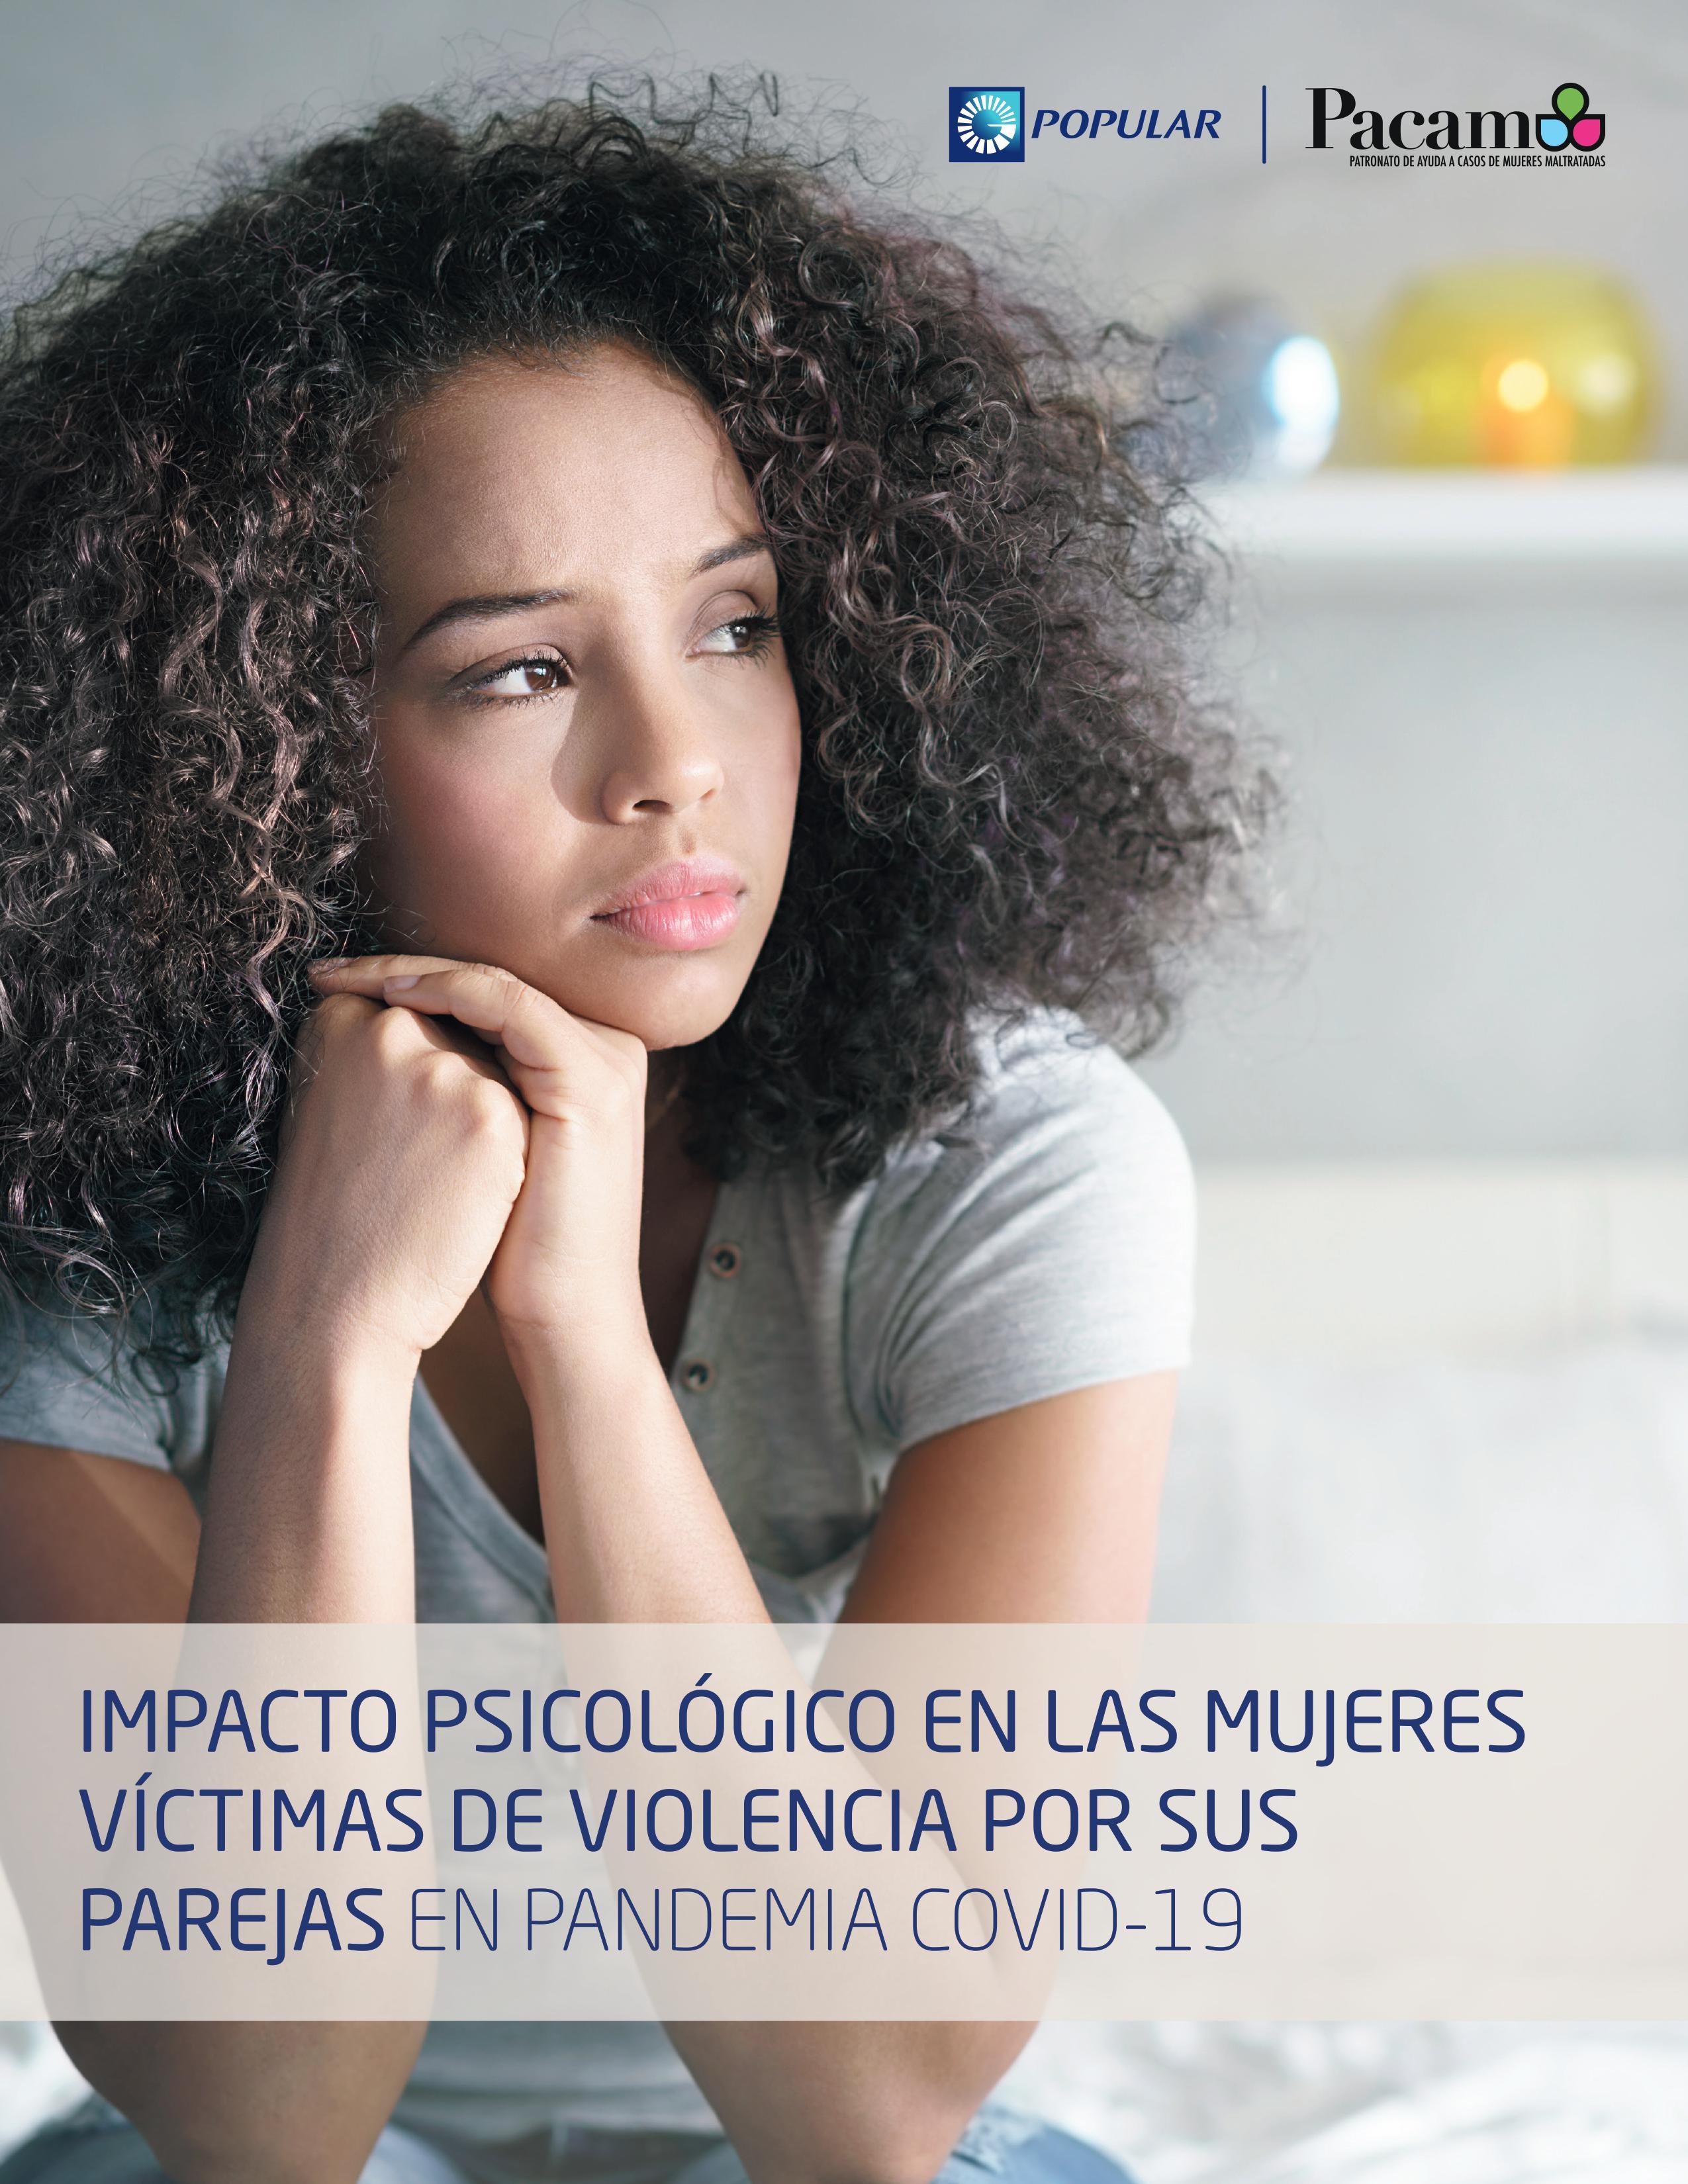 Popular y PACAM presentan estudio sobre violencia contra la mujer durante COVID-19